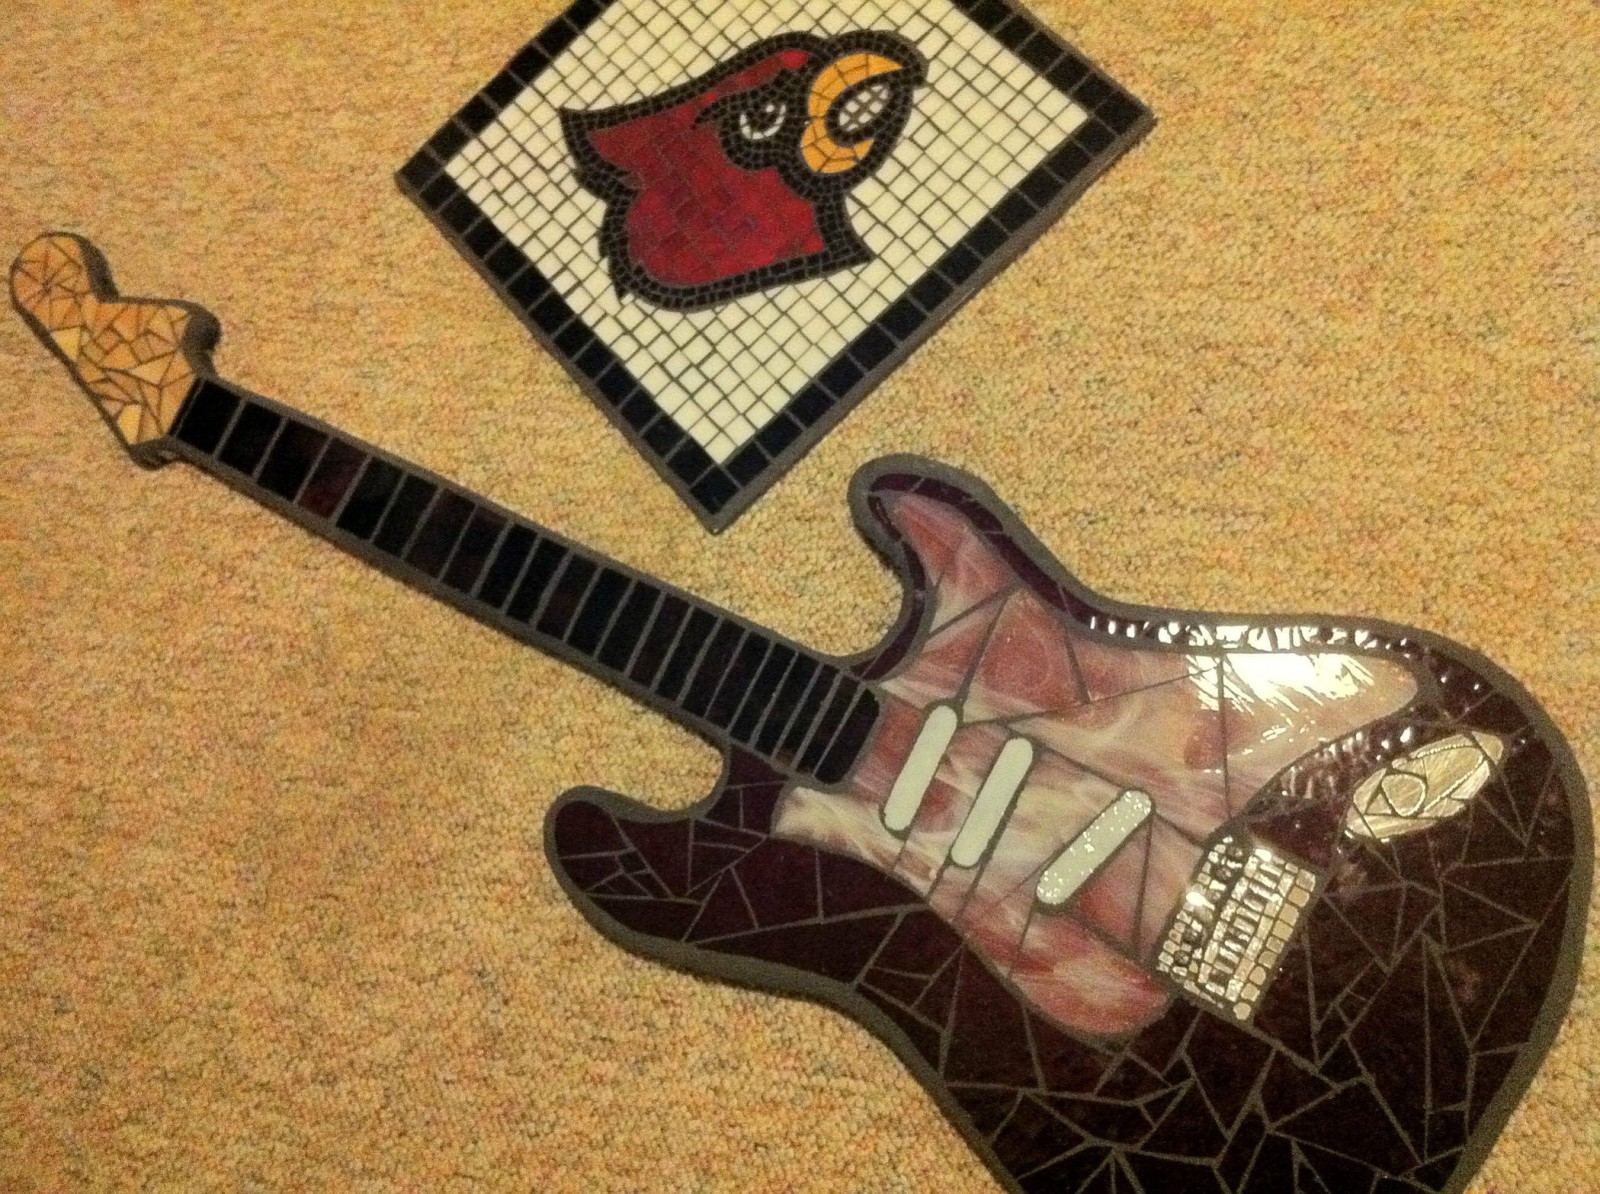 guitar_mosaic-1600x1194